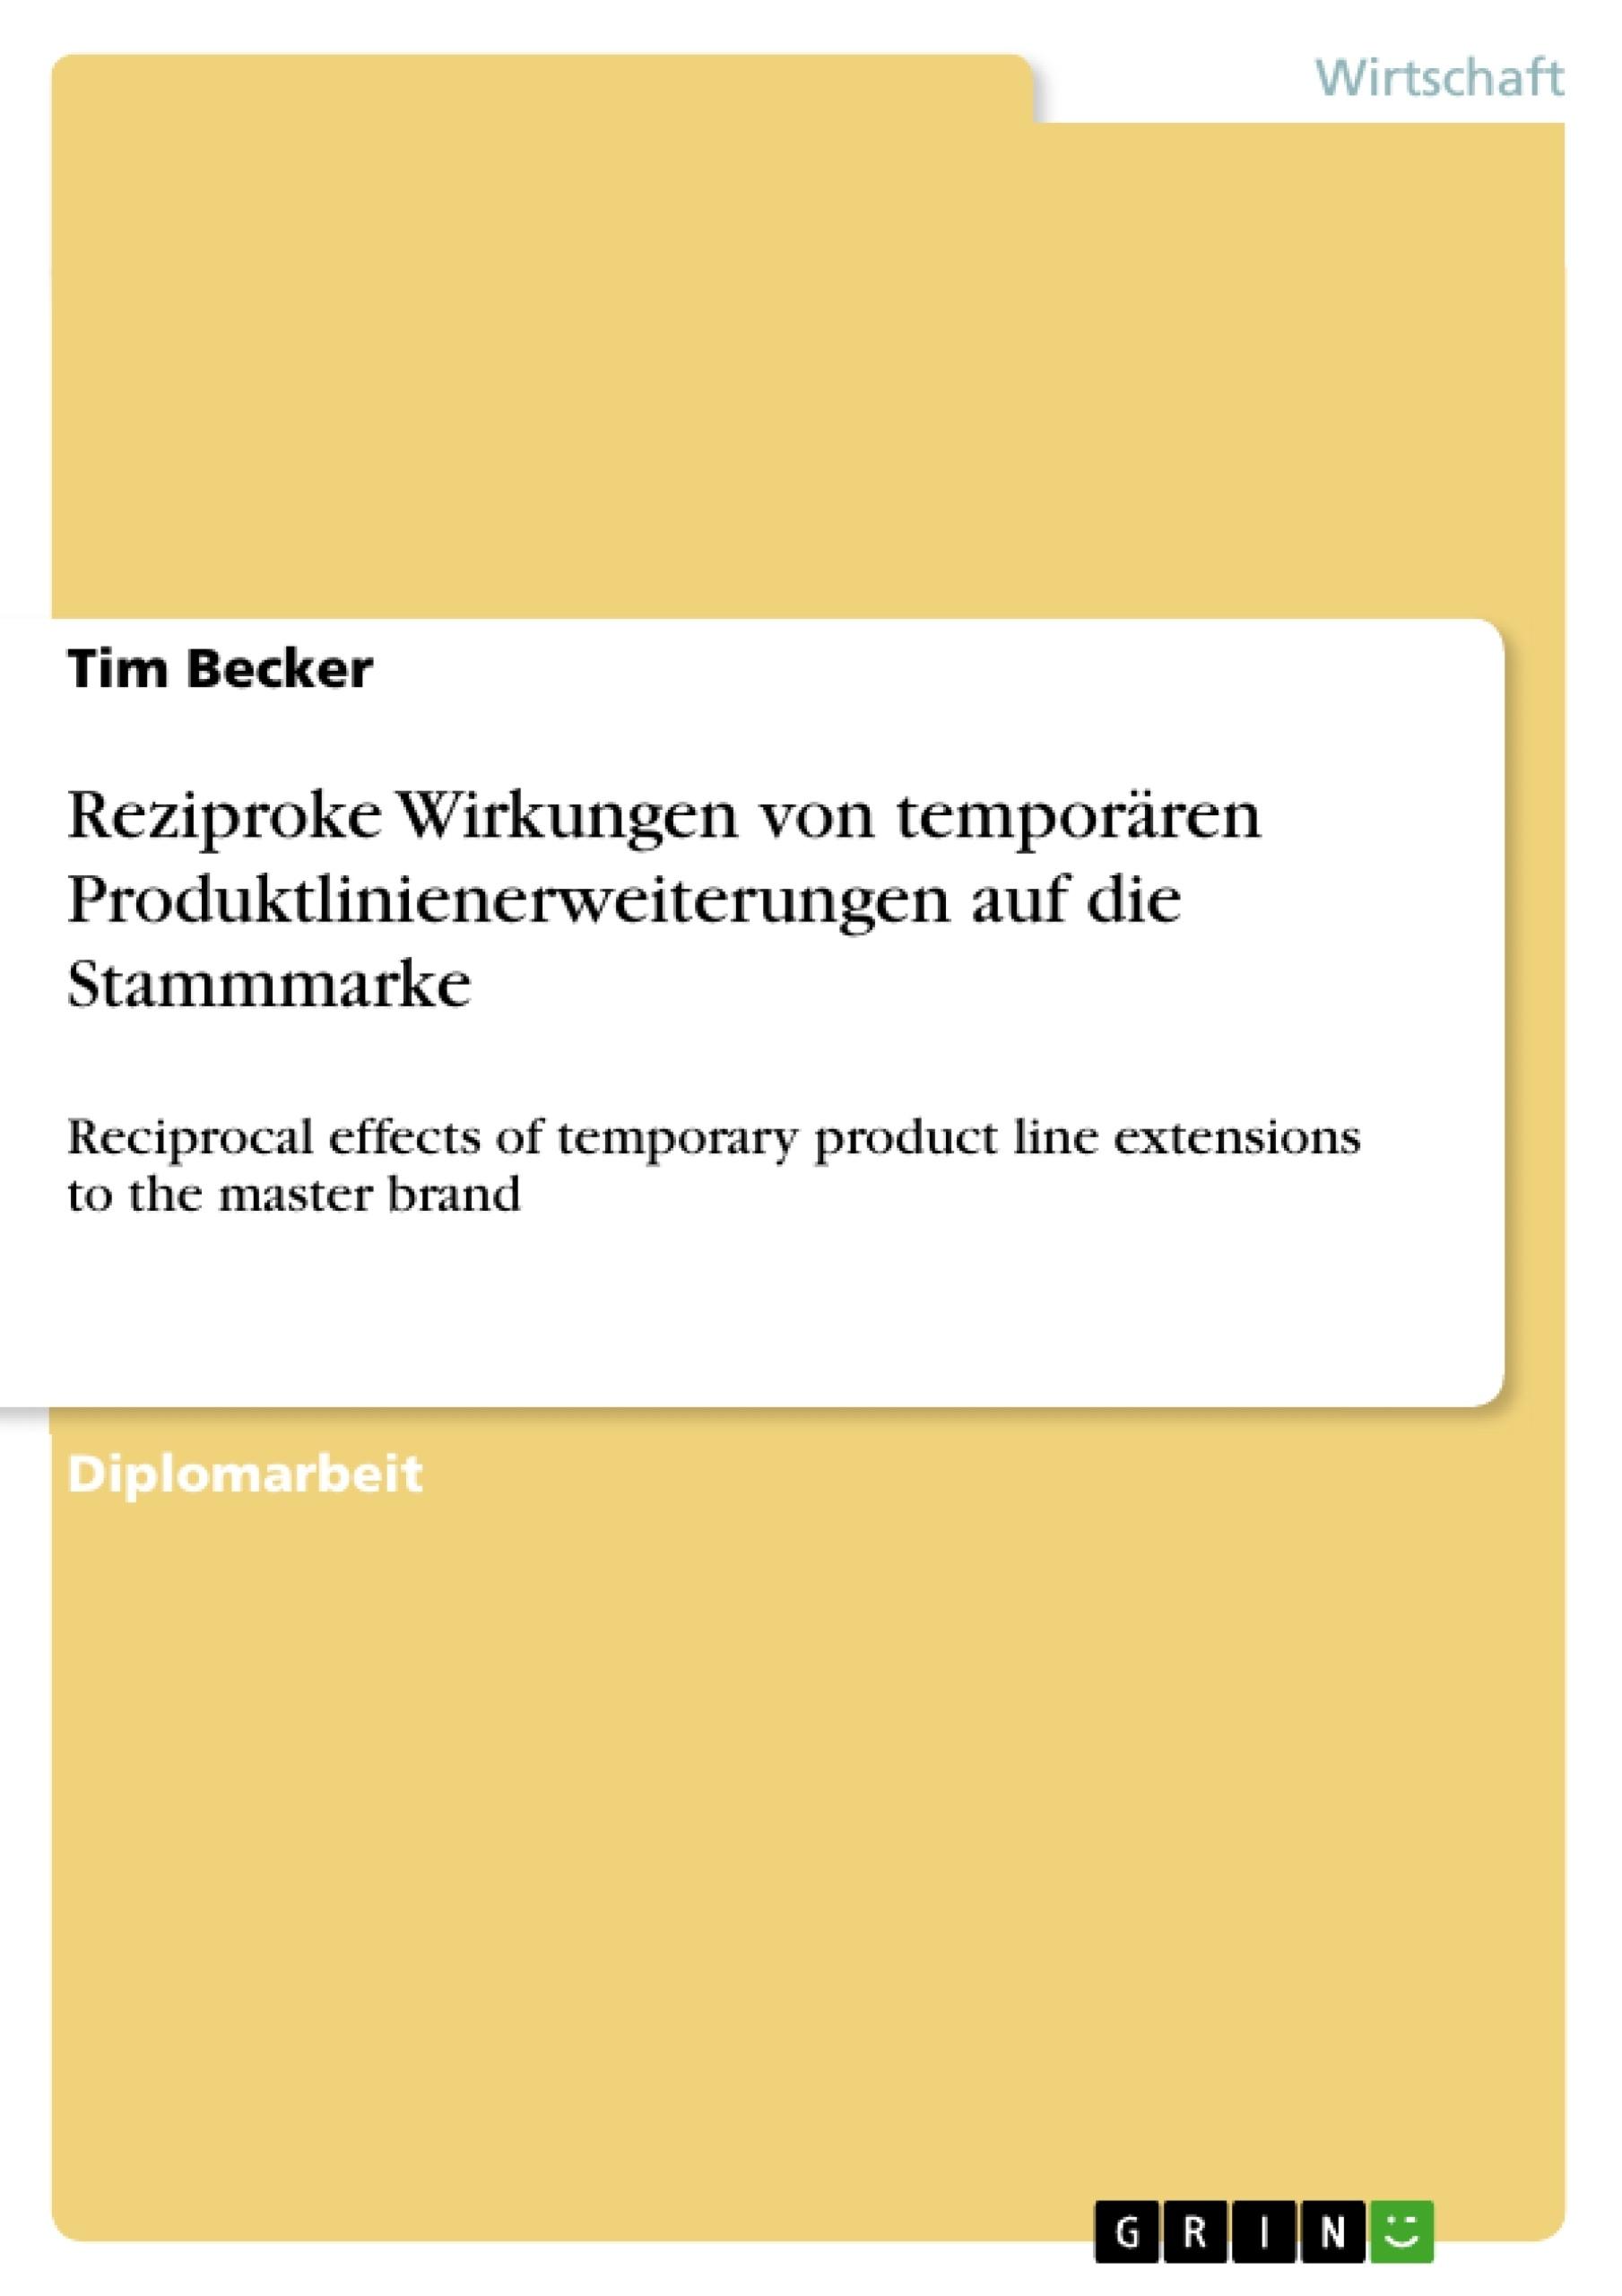 Titel: Reziproke Wirkungen von temporären Produktlinienerweiterungen auf die Stammmarke